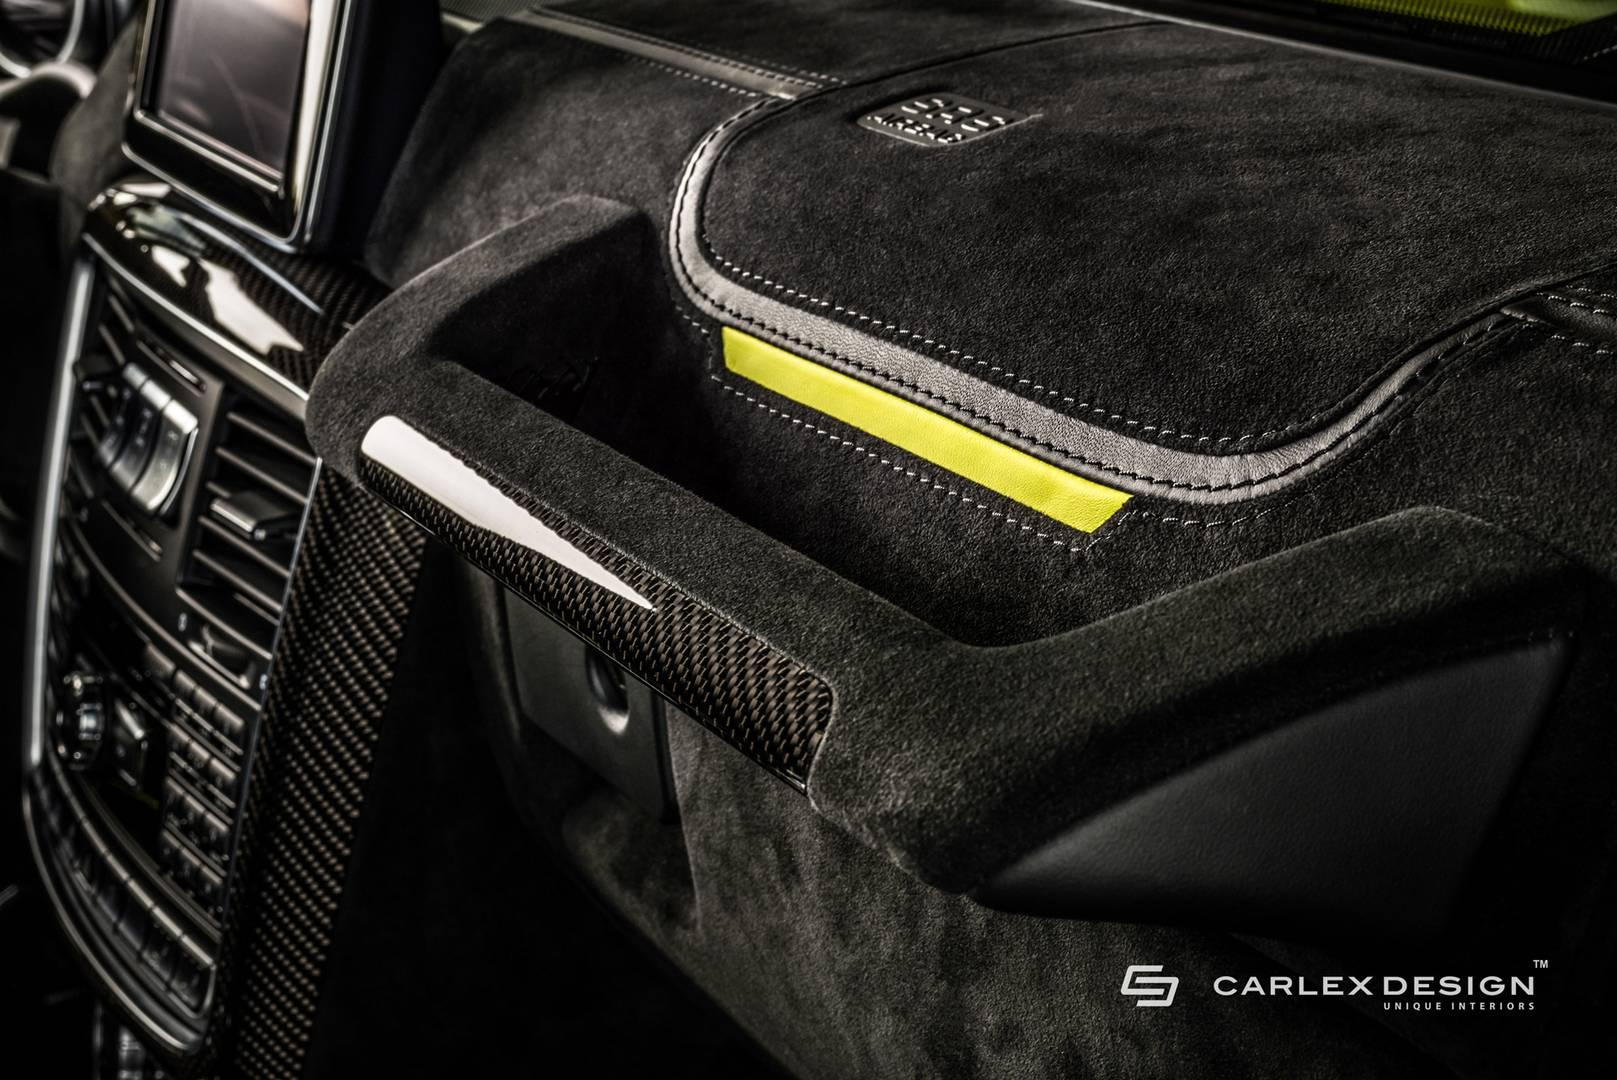 Строчки и вышивка дополнительно персонализируют интерьер автомобиля и образуют приятный контракт с акцентами черного и карбона.